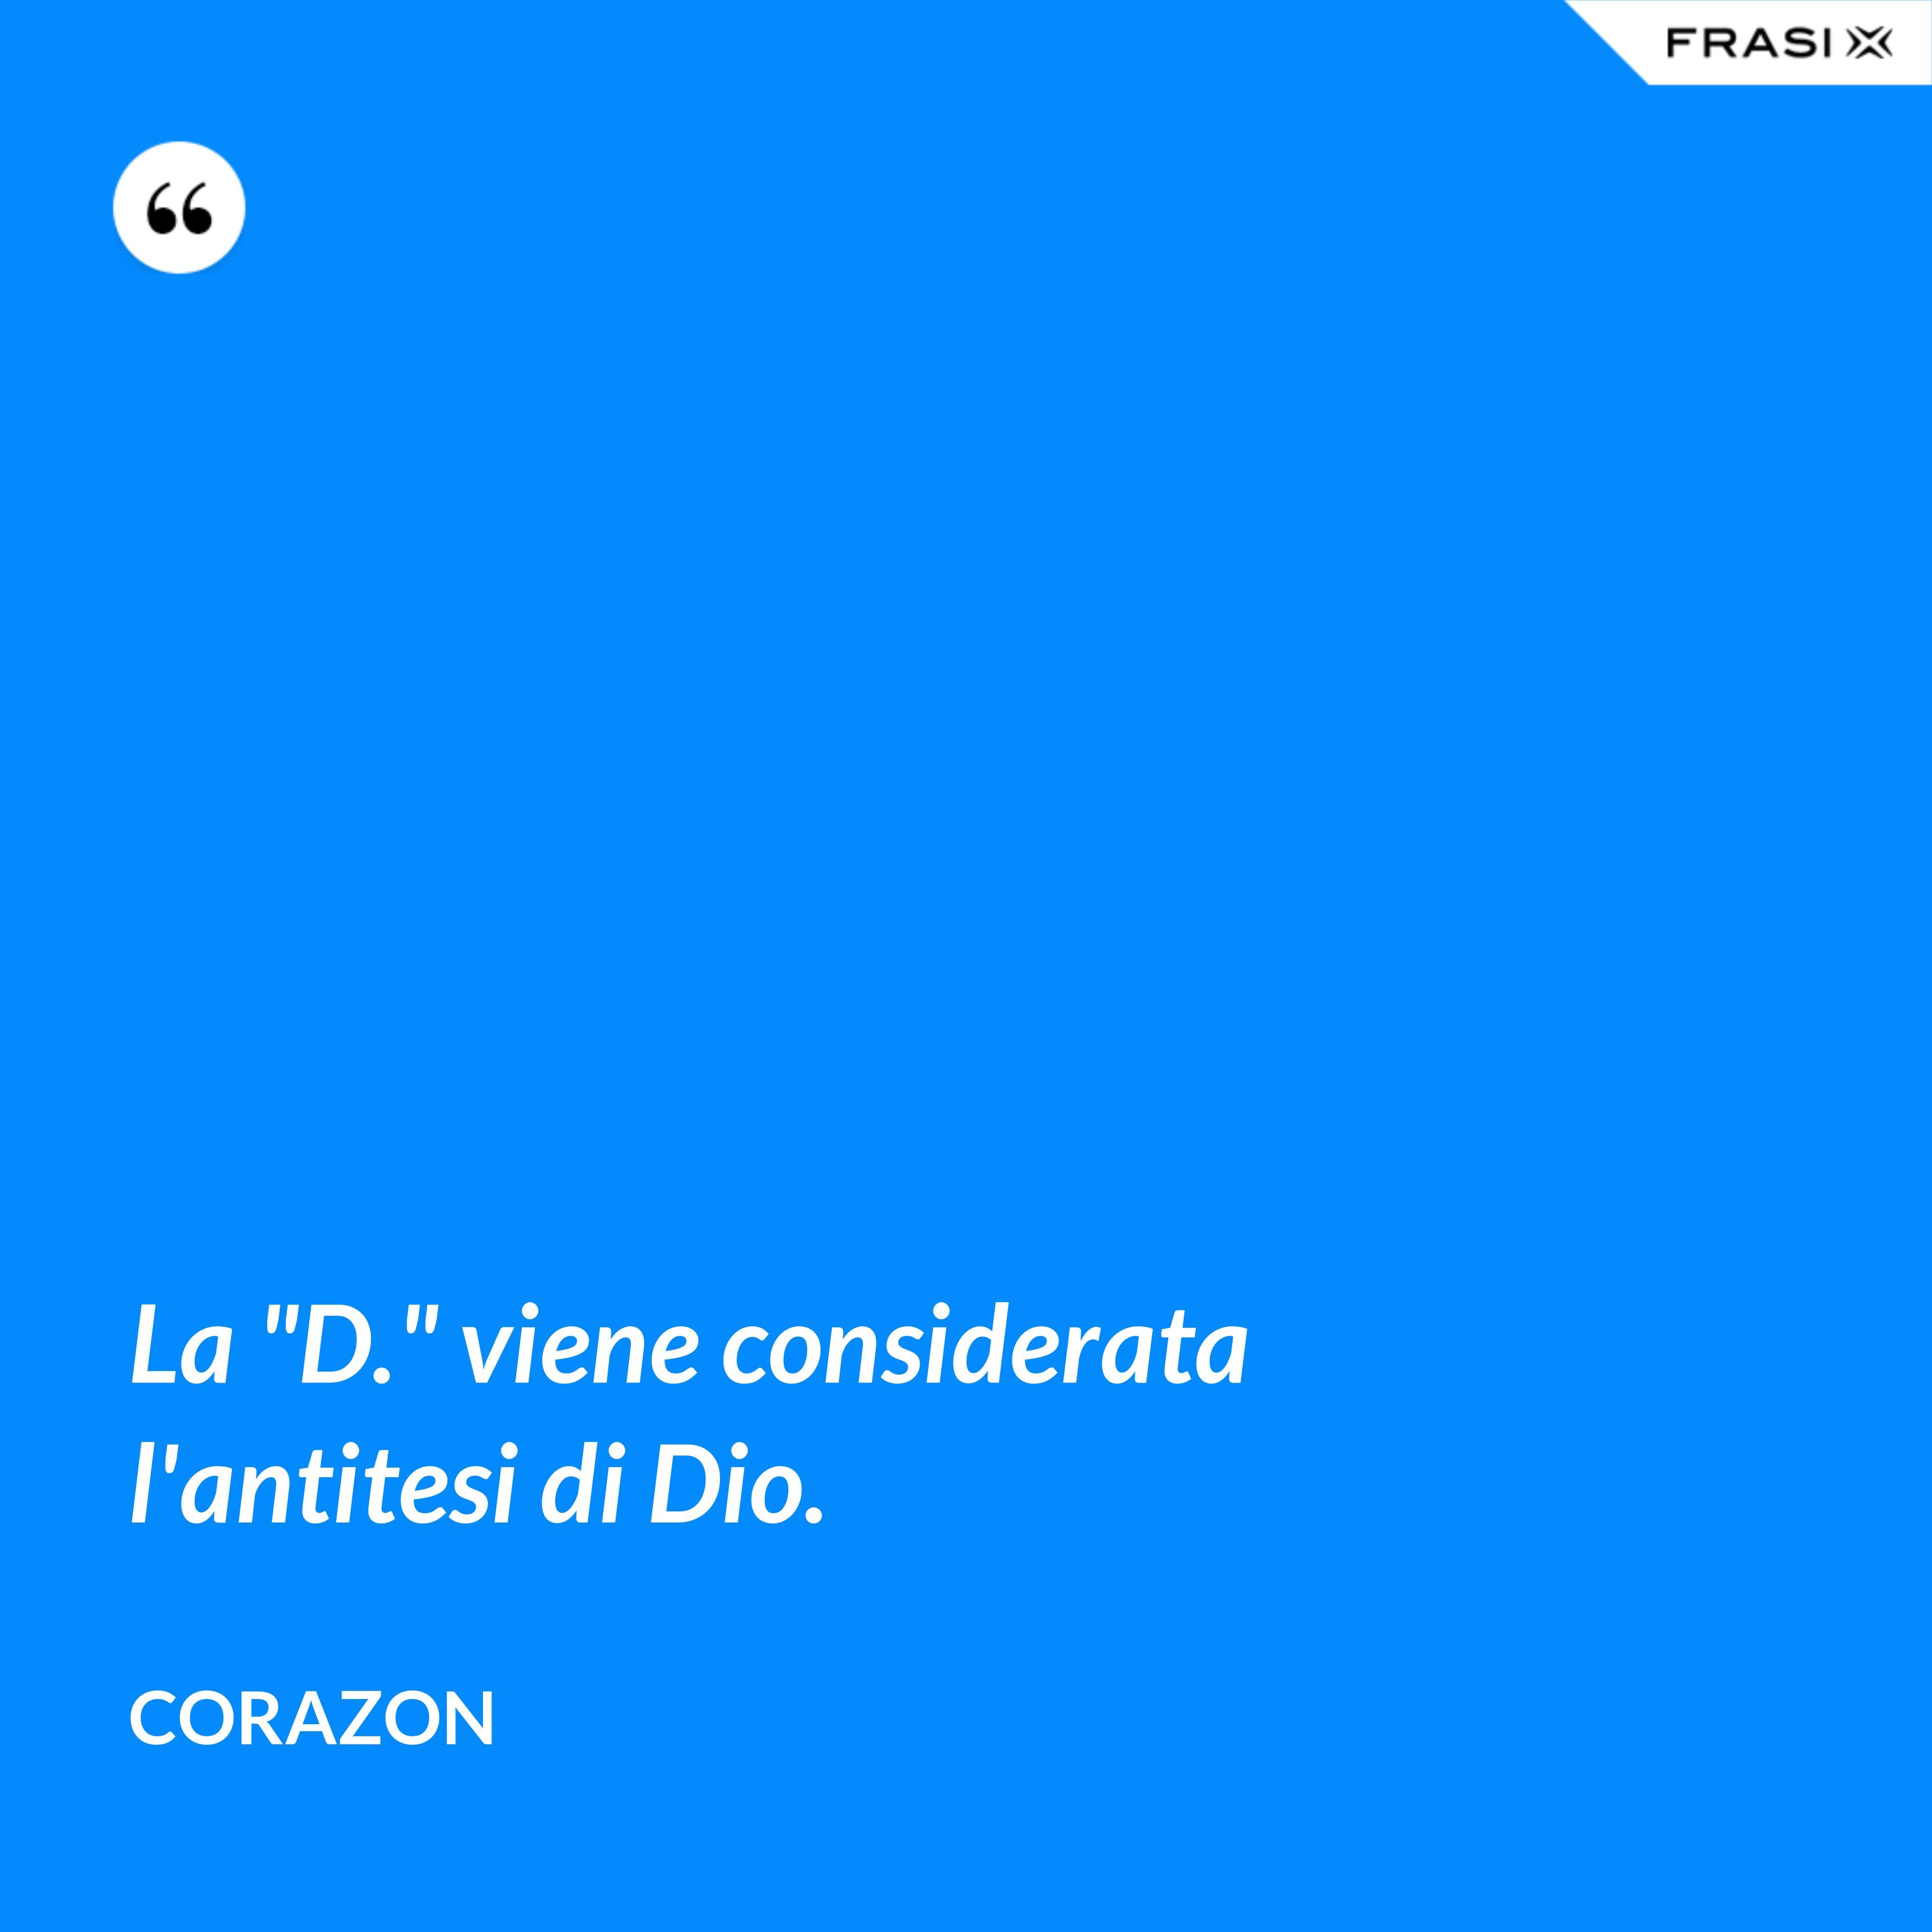 """La """"D."""" viene considerata l'antitesi di Dio. - Corazon"""